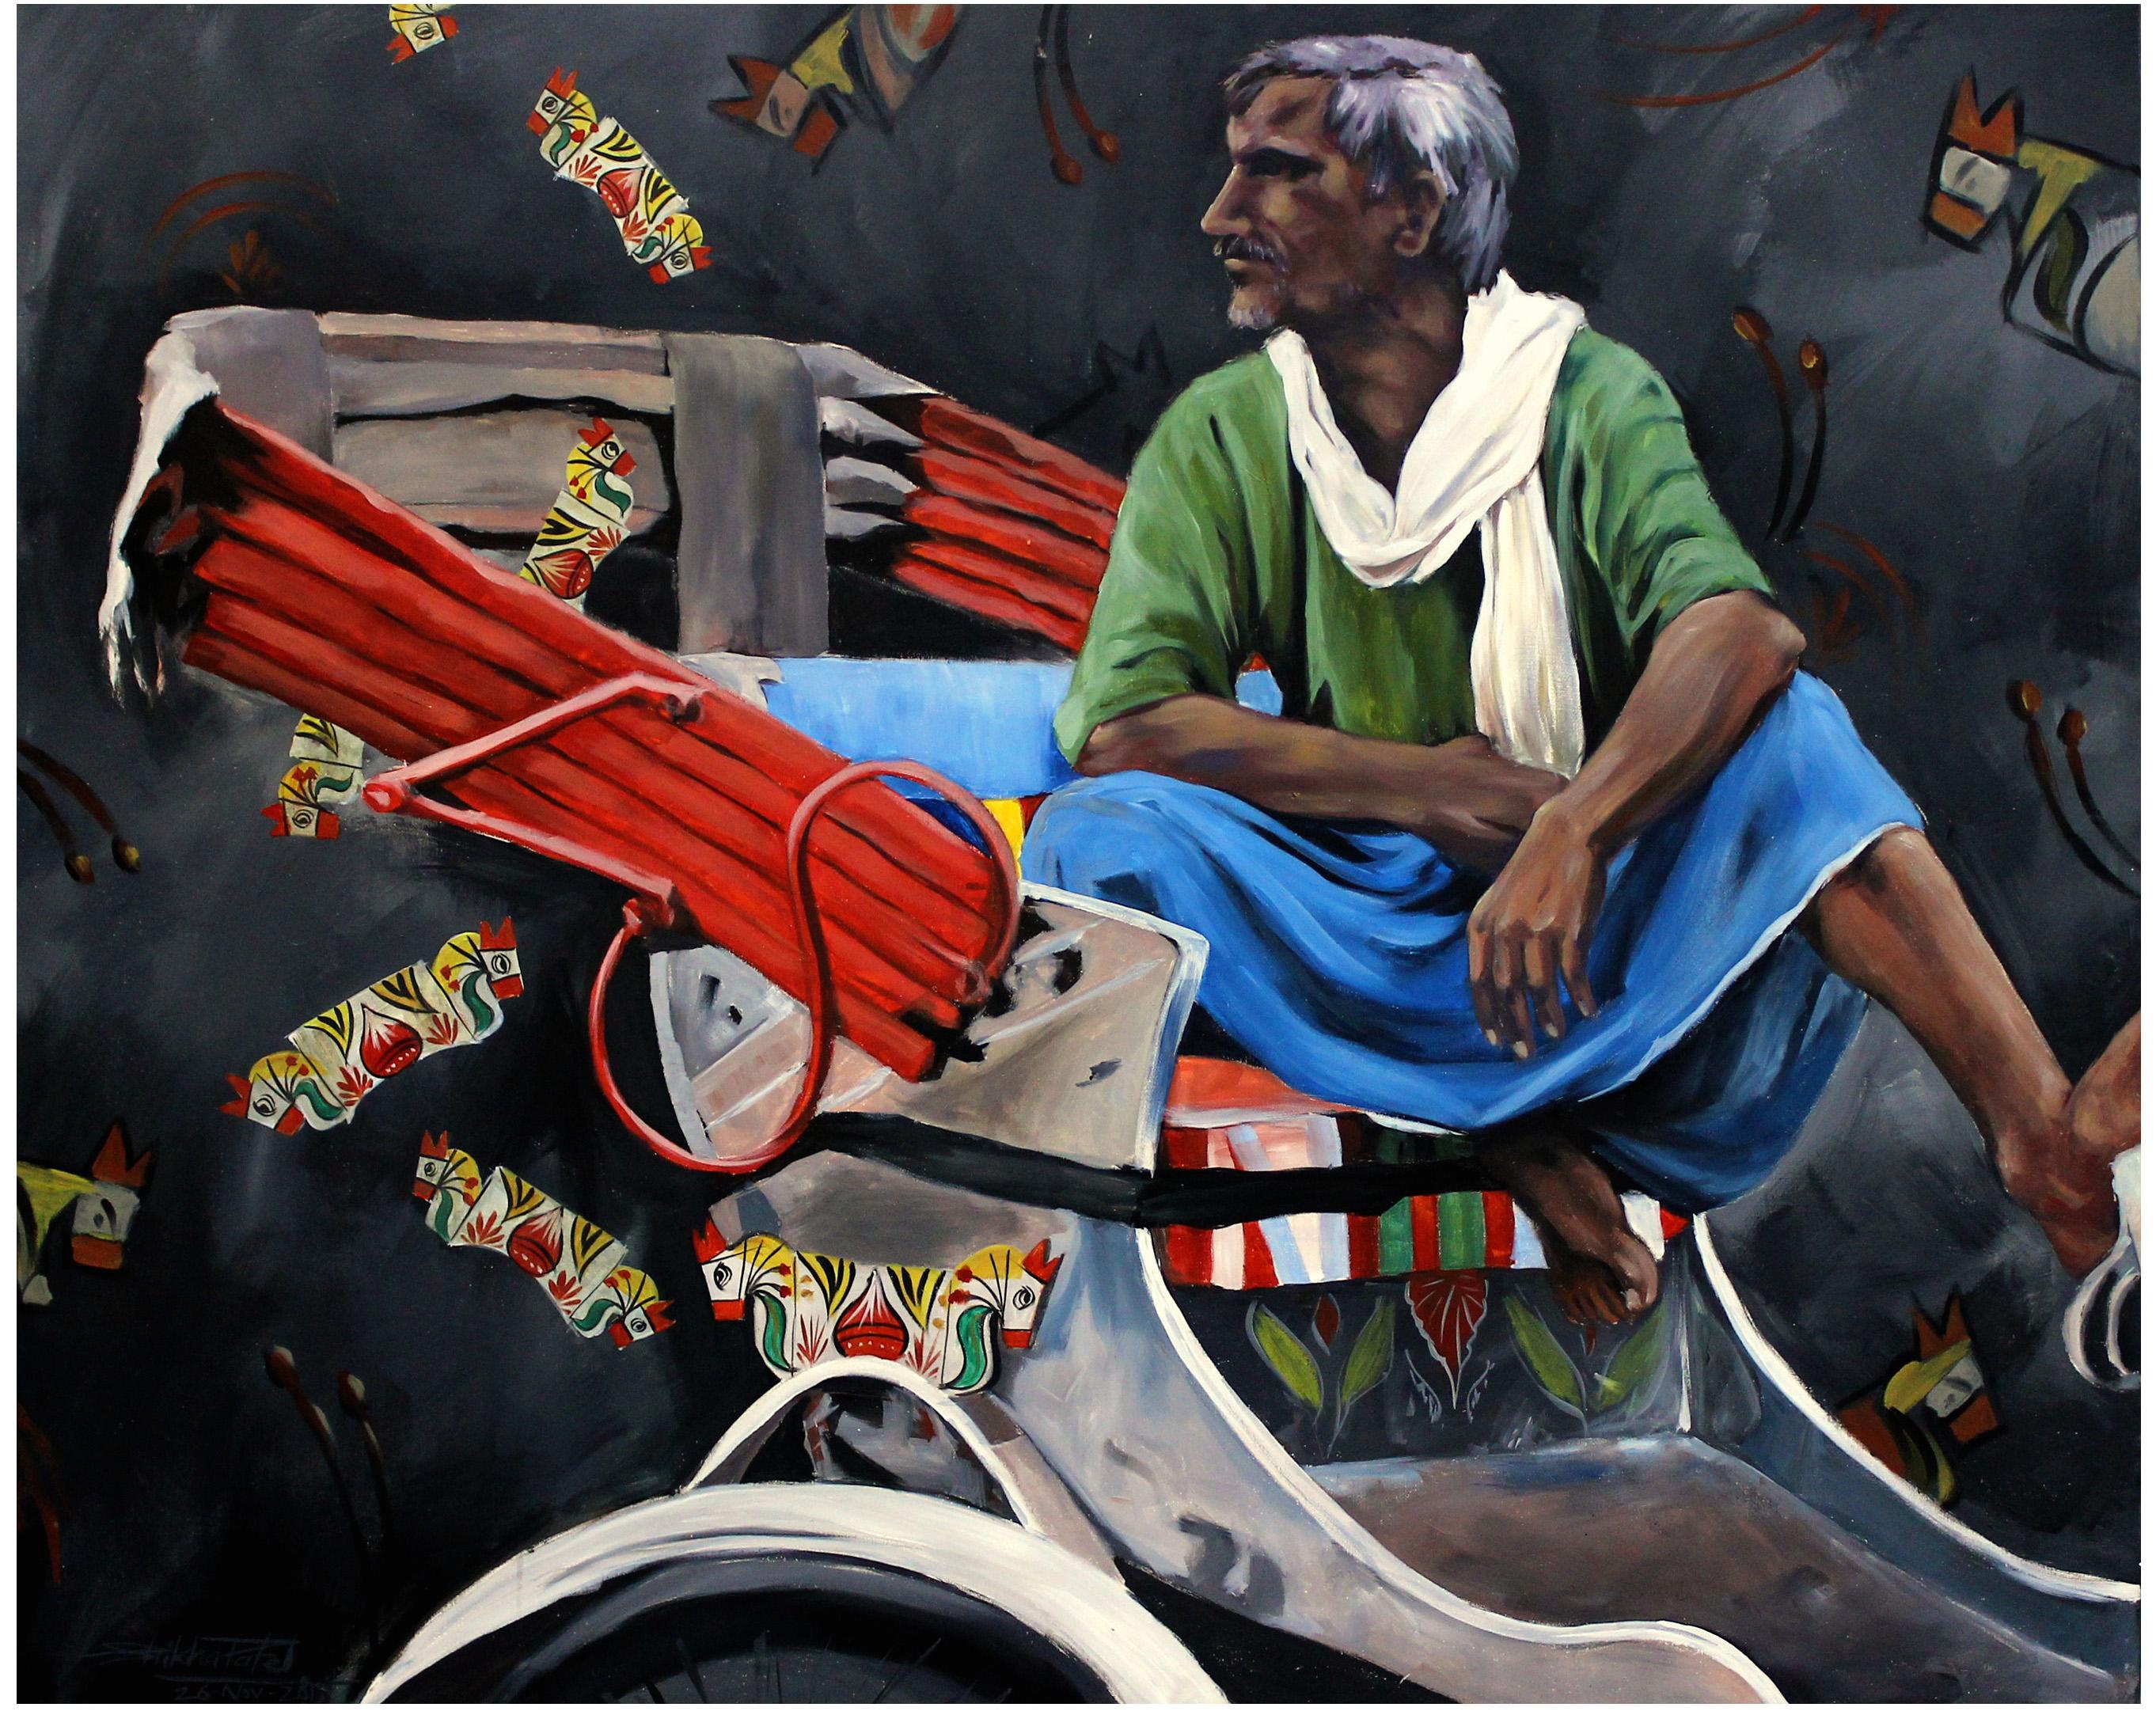 UntitledRickshaw-wala Series